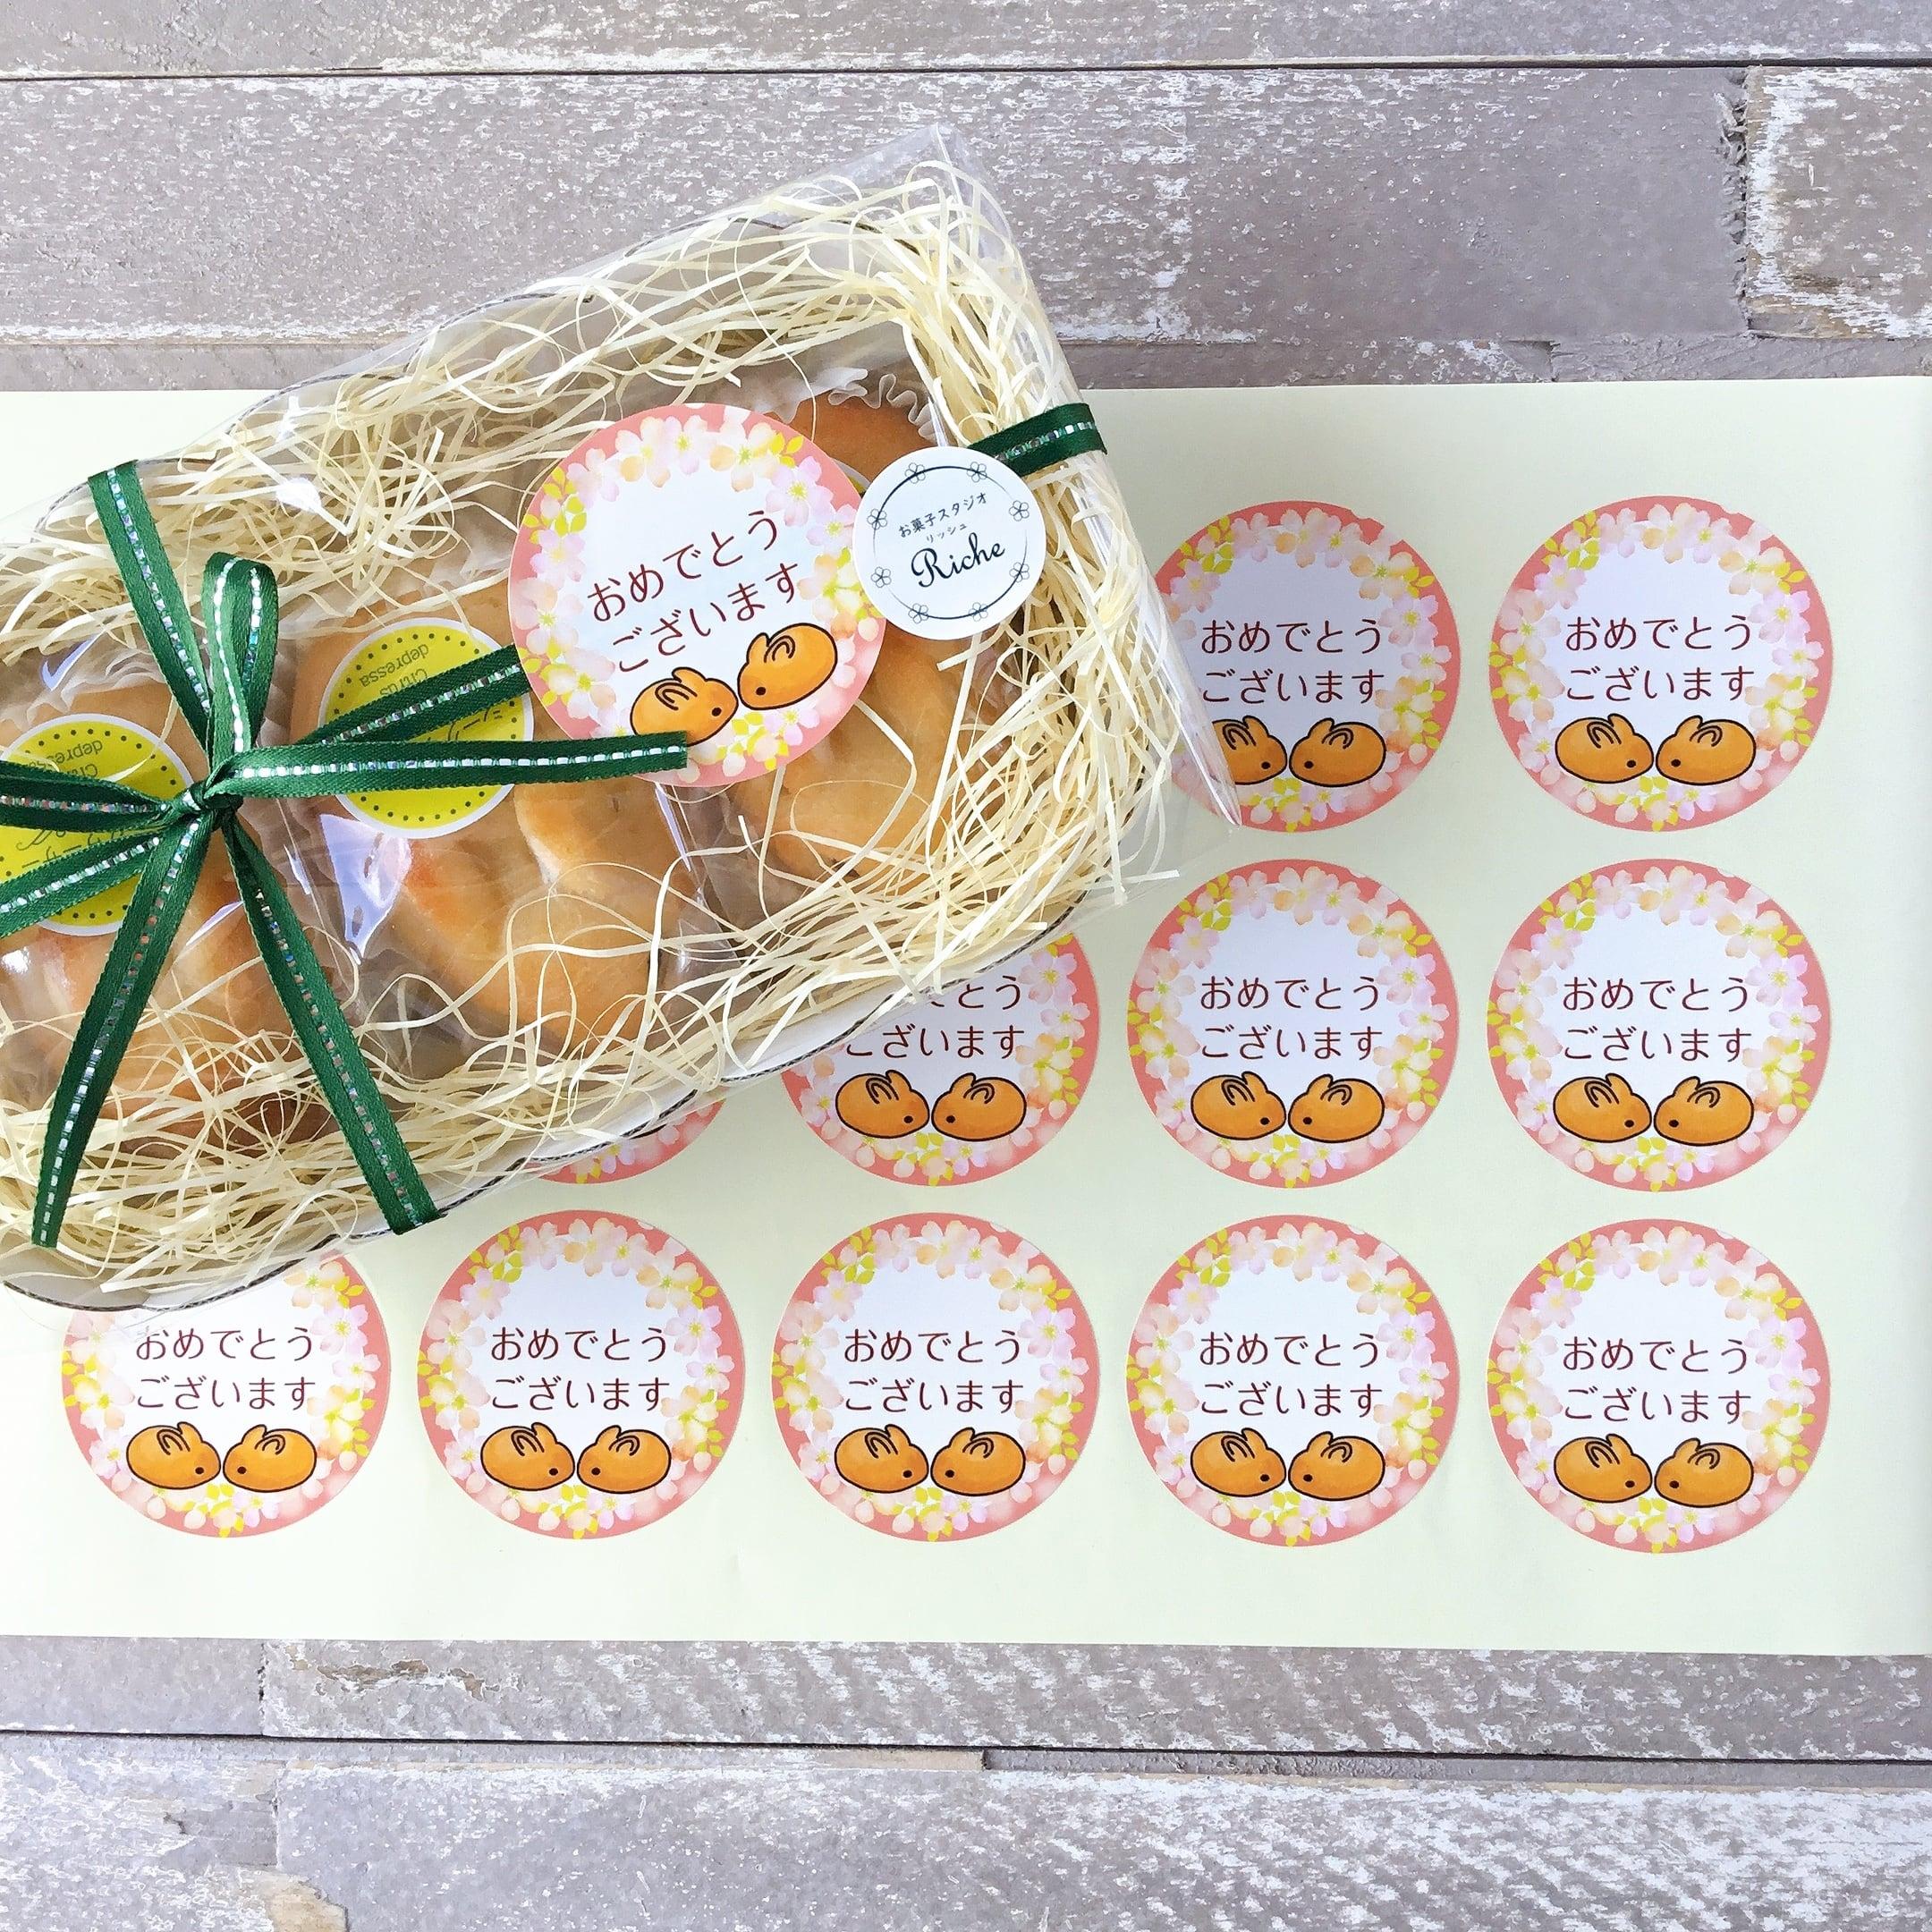 ≪常温便≫沖縄シークヮーサー焼きうさぎ3羽セット(焼き菓子/フィナンシェ/お菓子ギフト)